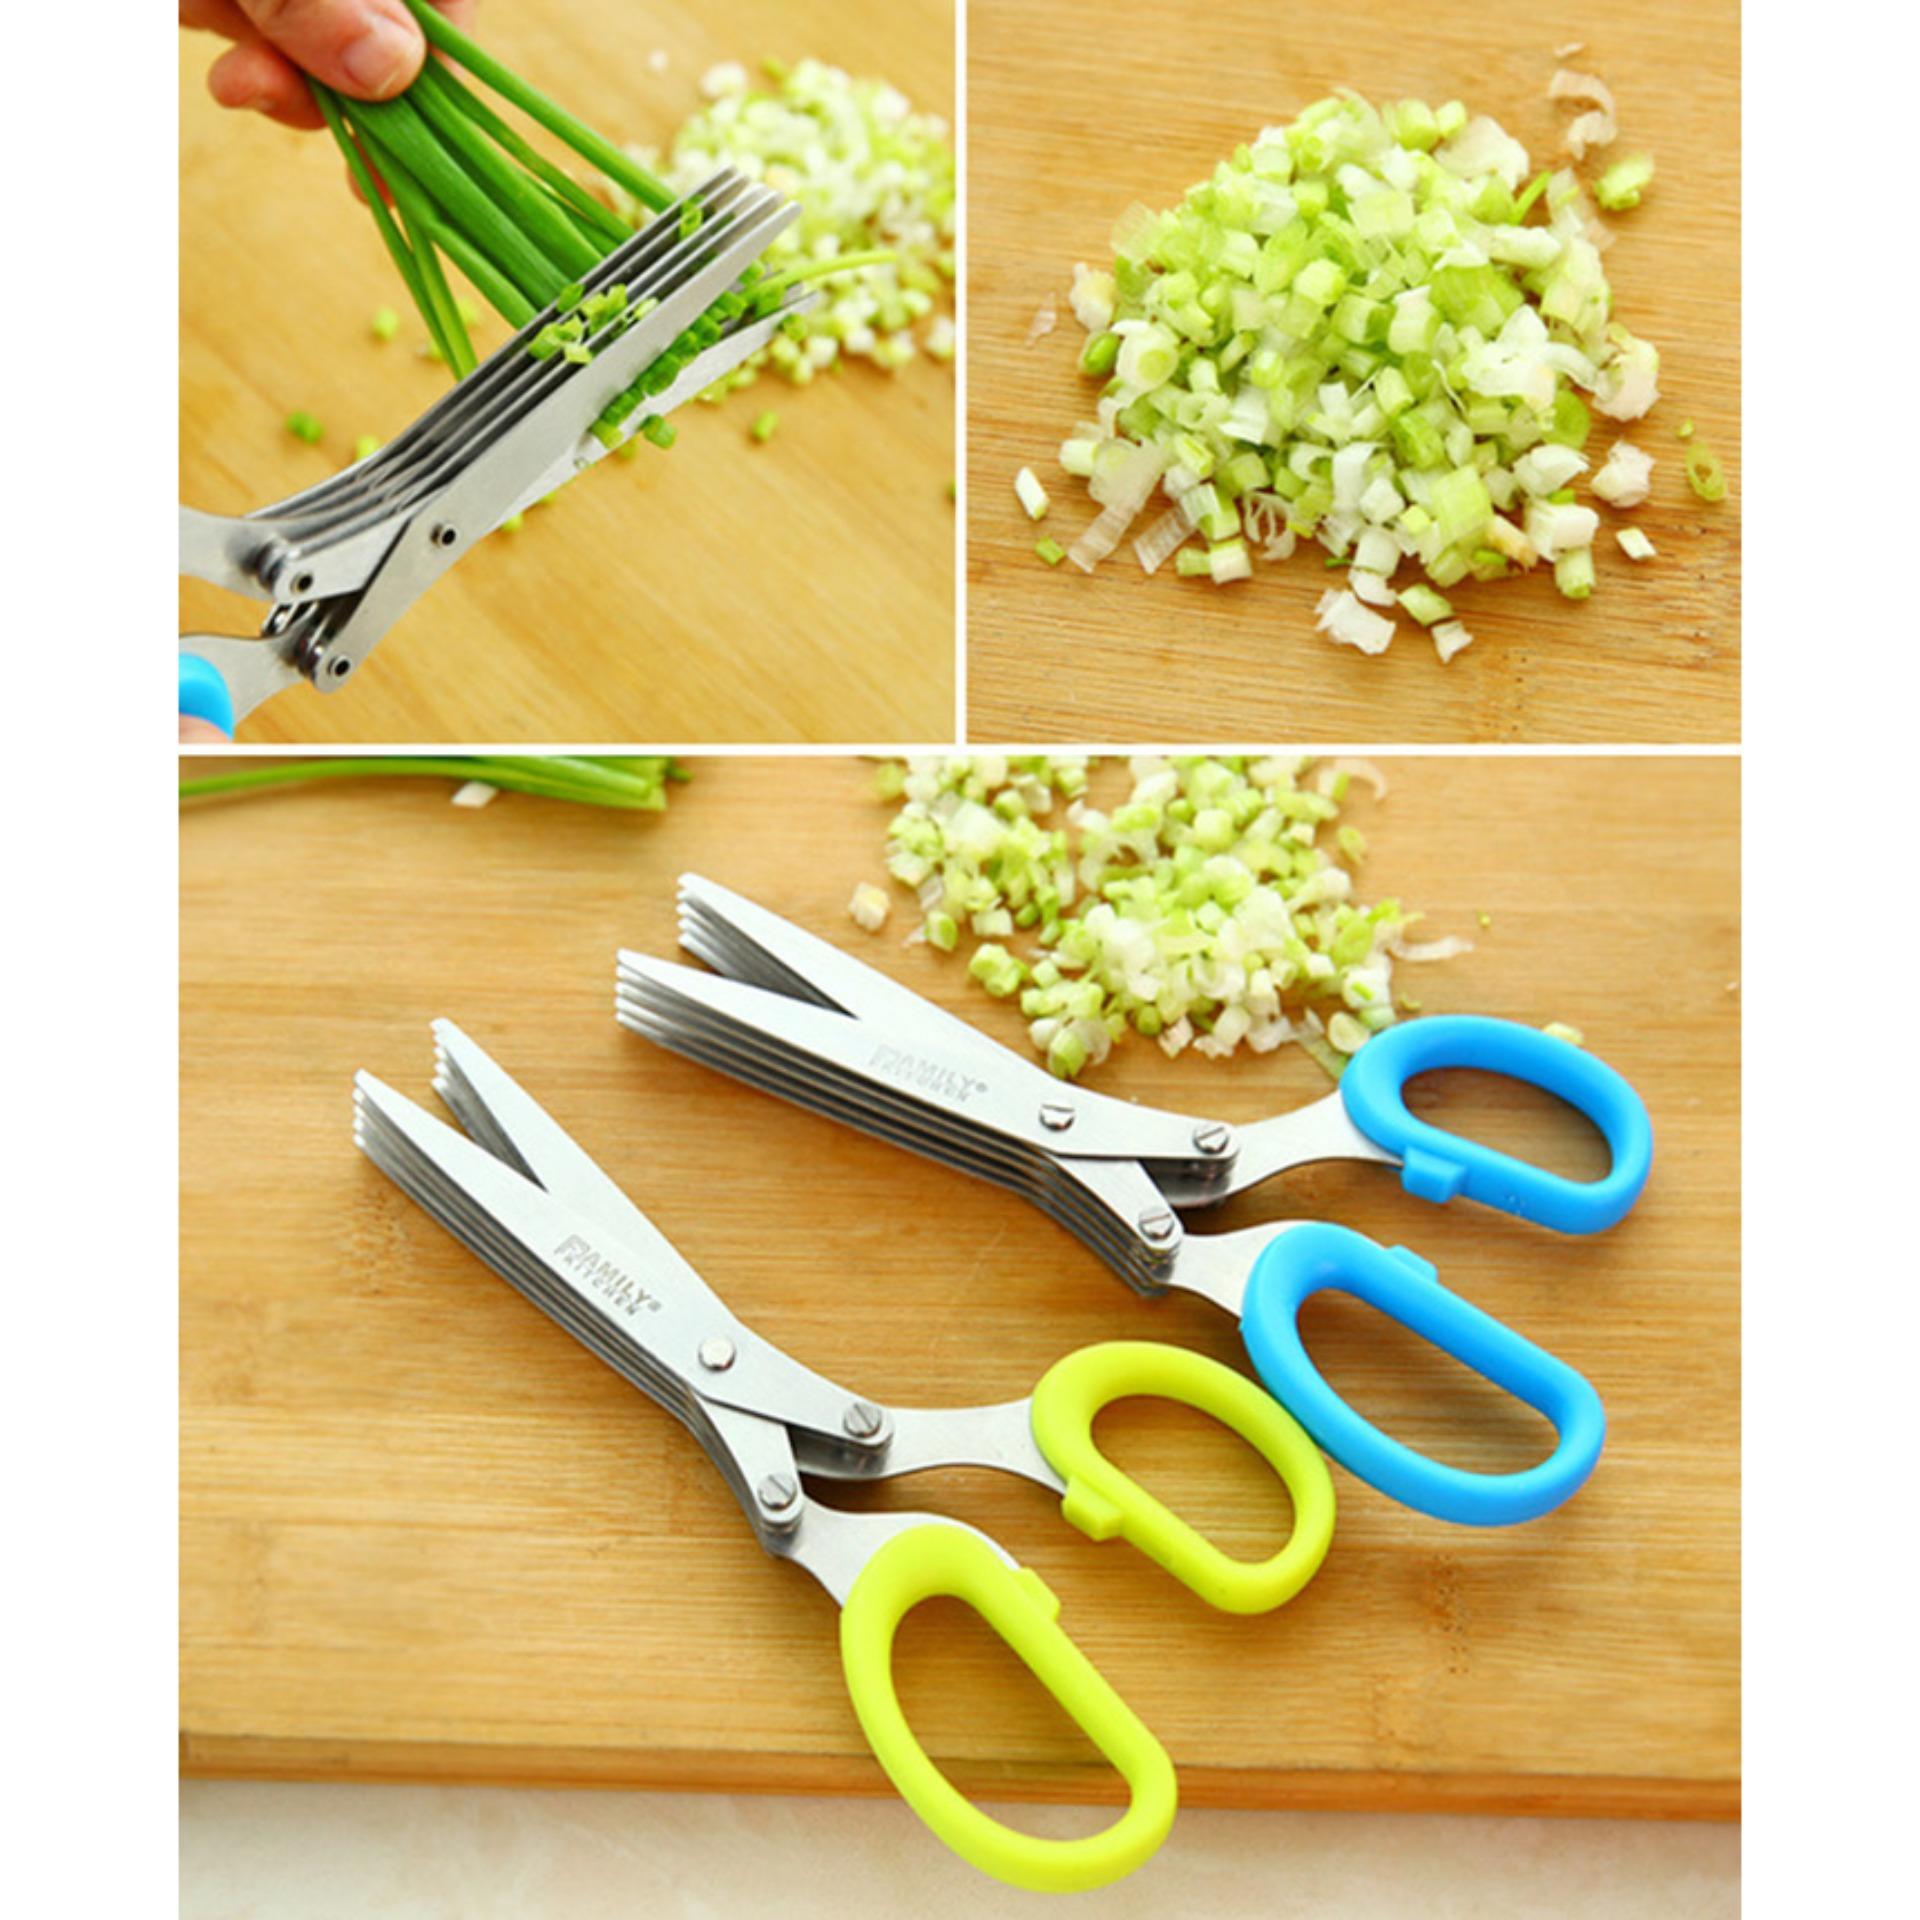 ... Gunting 5 Lapis / Gunting Daun Bawang Gunting Sayur Dapur - 4 ...